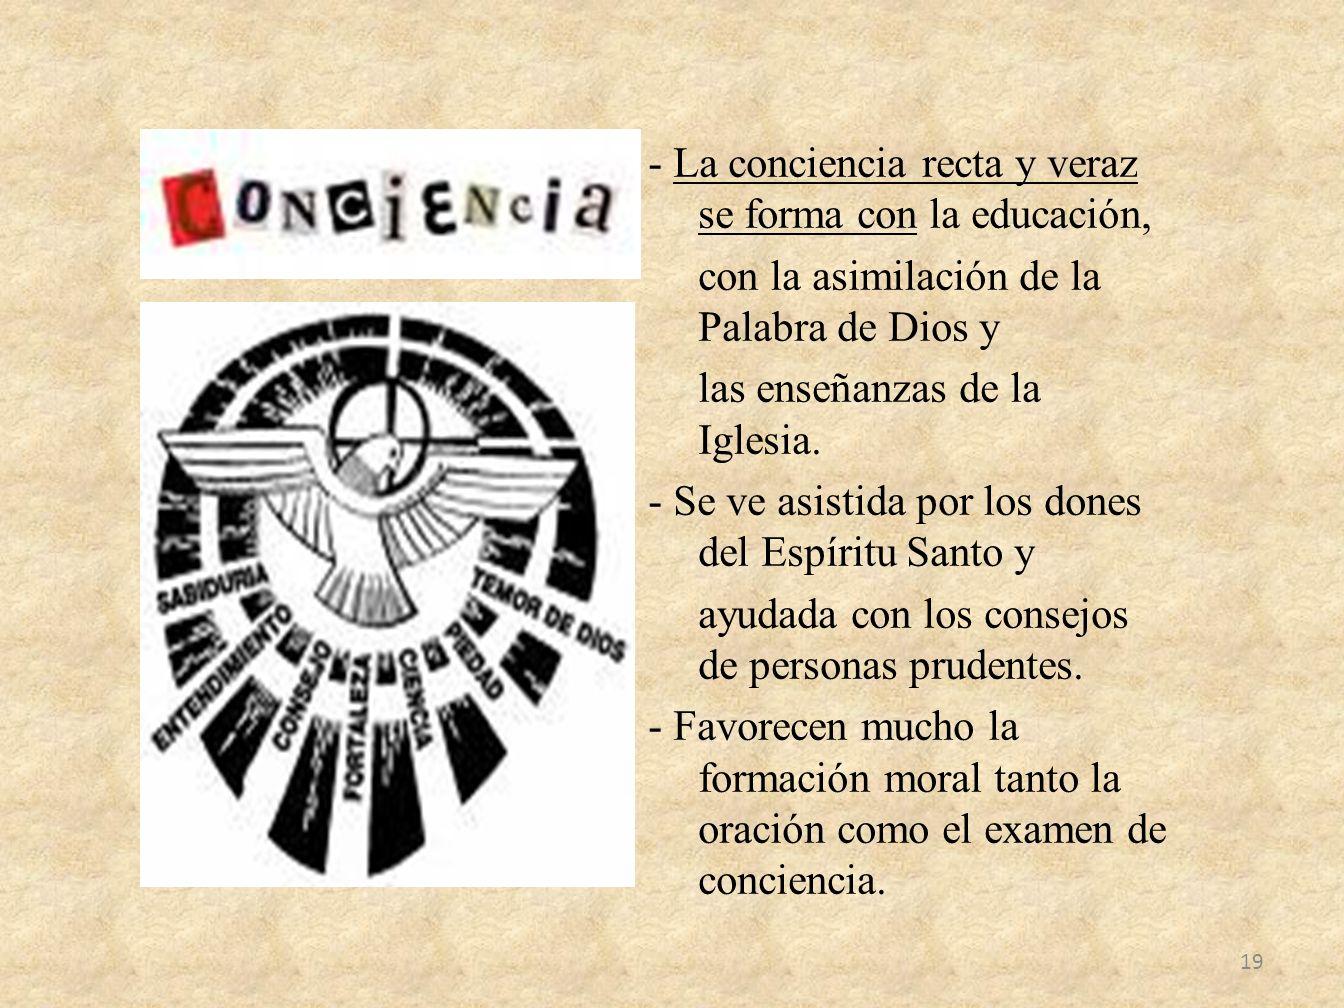 - La conciencia recta y veraz se forma con la educación, con la asimilación de la Palabra de Dios y las enseñanzas de la Iglesia.